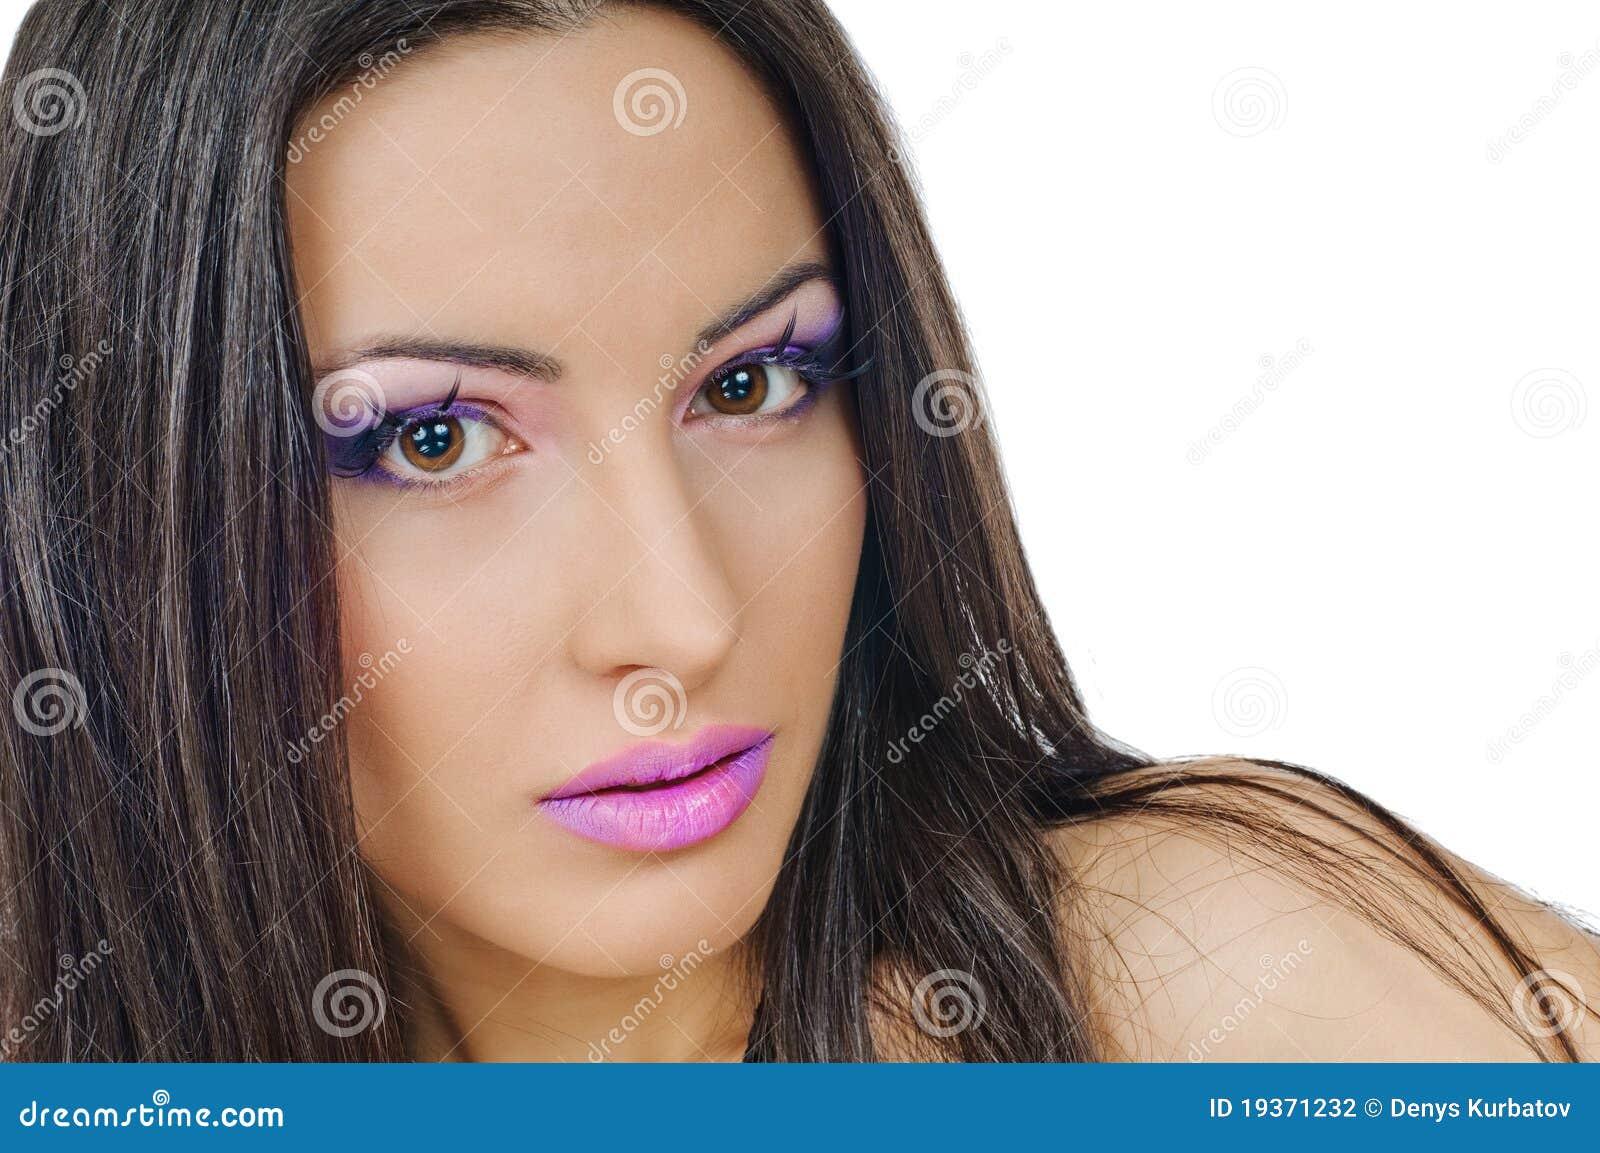 Bordos e pálpebras violetas